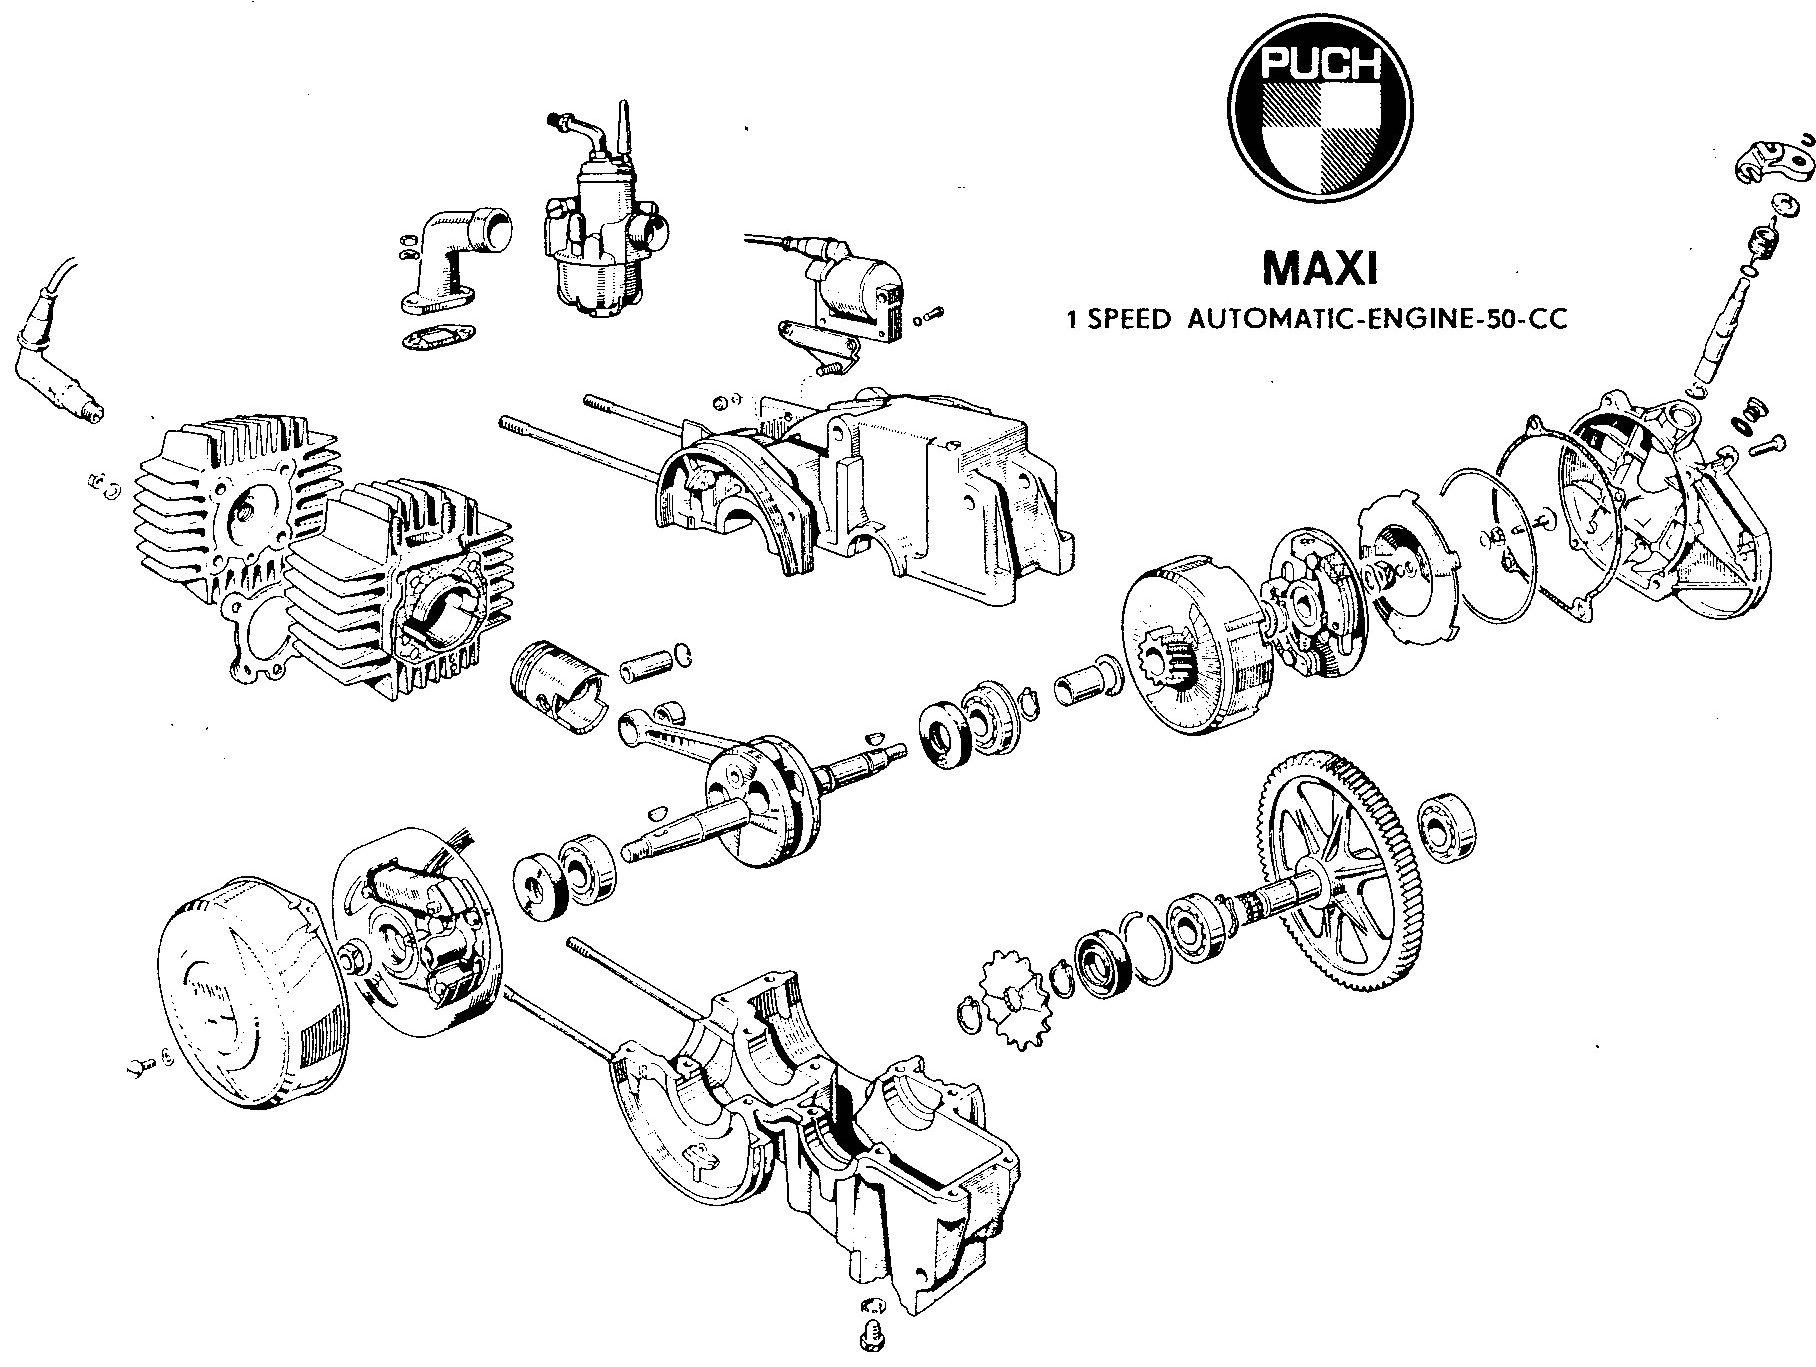 moto guzzi wire diagram moto engine image for user manual